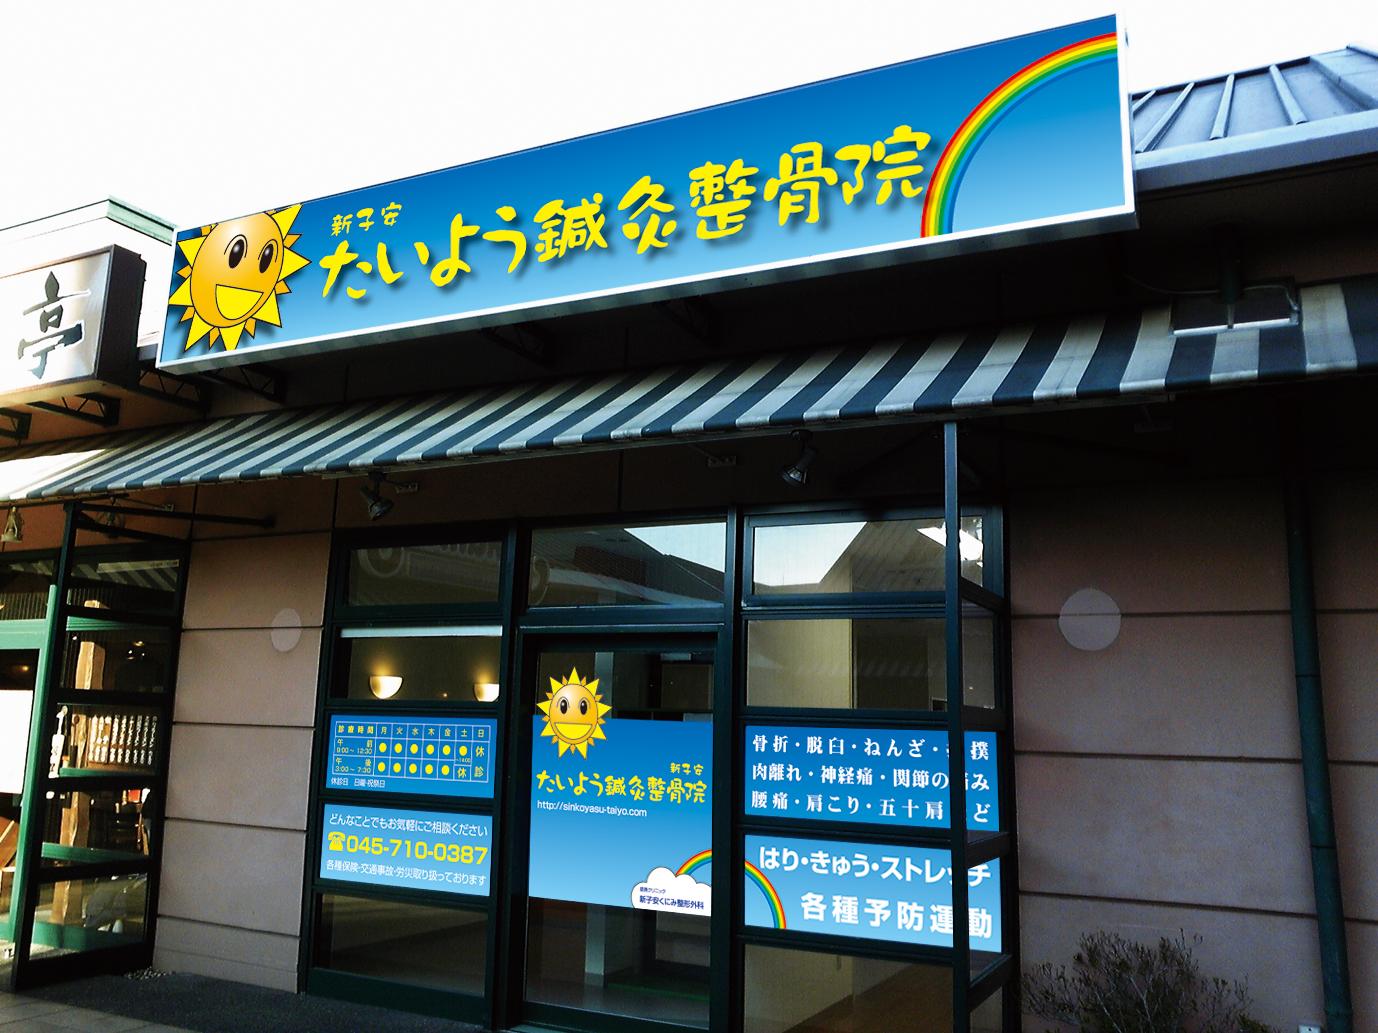 横浜市鍼灸整骨院様 | 看板制作